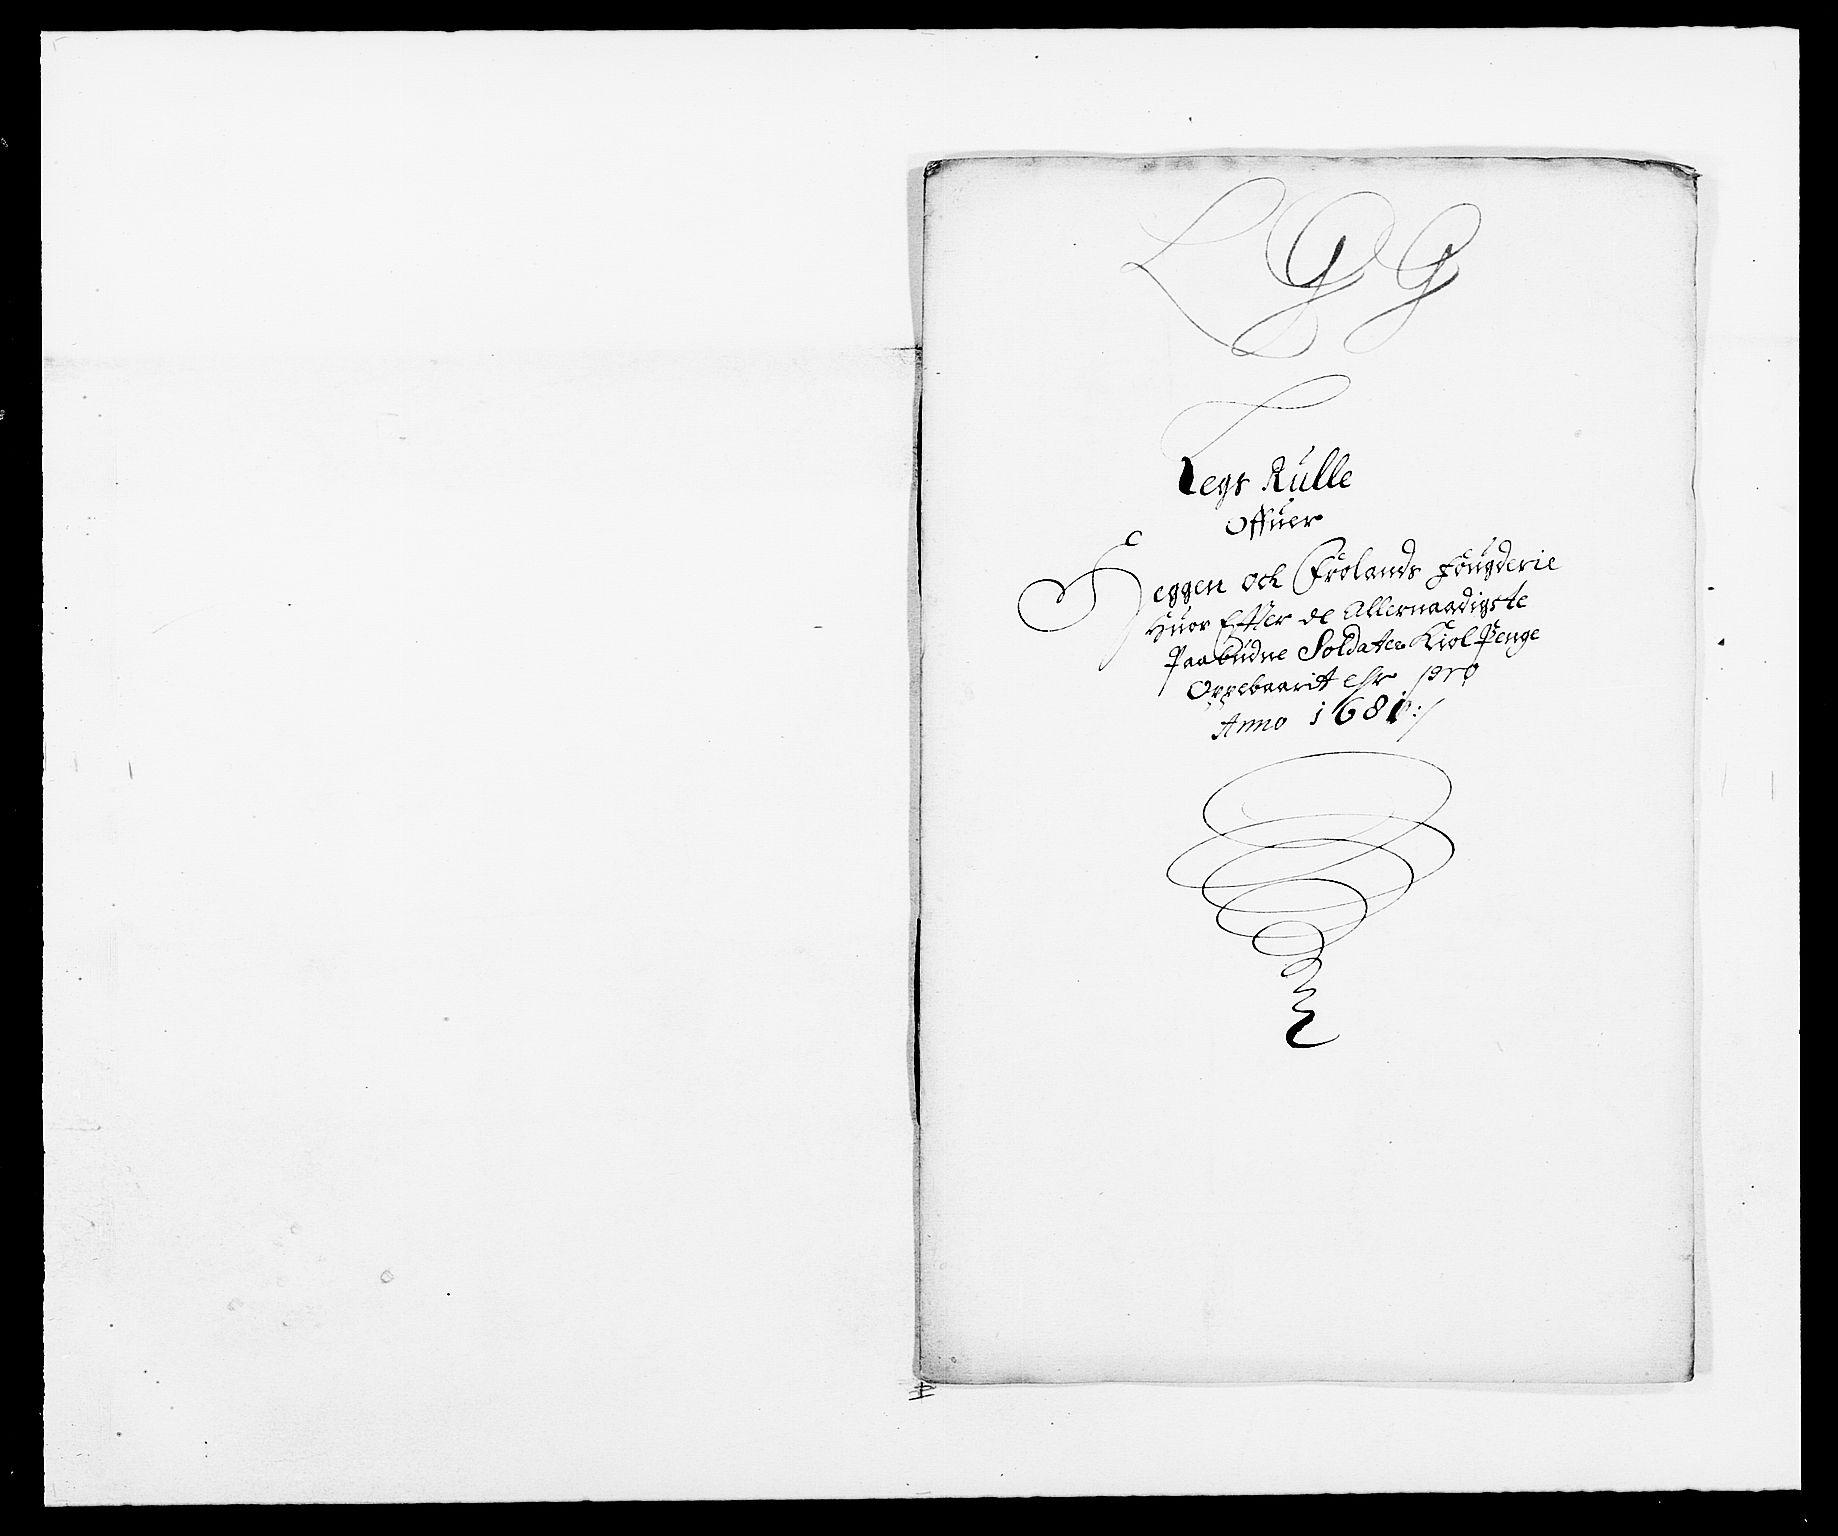 RA, Rentekammeret inntil 1814, Reviderte regnskaper, Fogderegnskap, R06/L0280: Fogderegnskap Heggen og Frøland, 1681-1684, s. 161